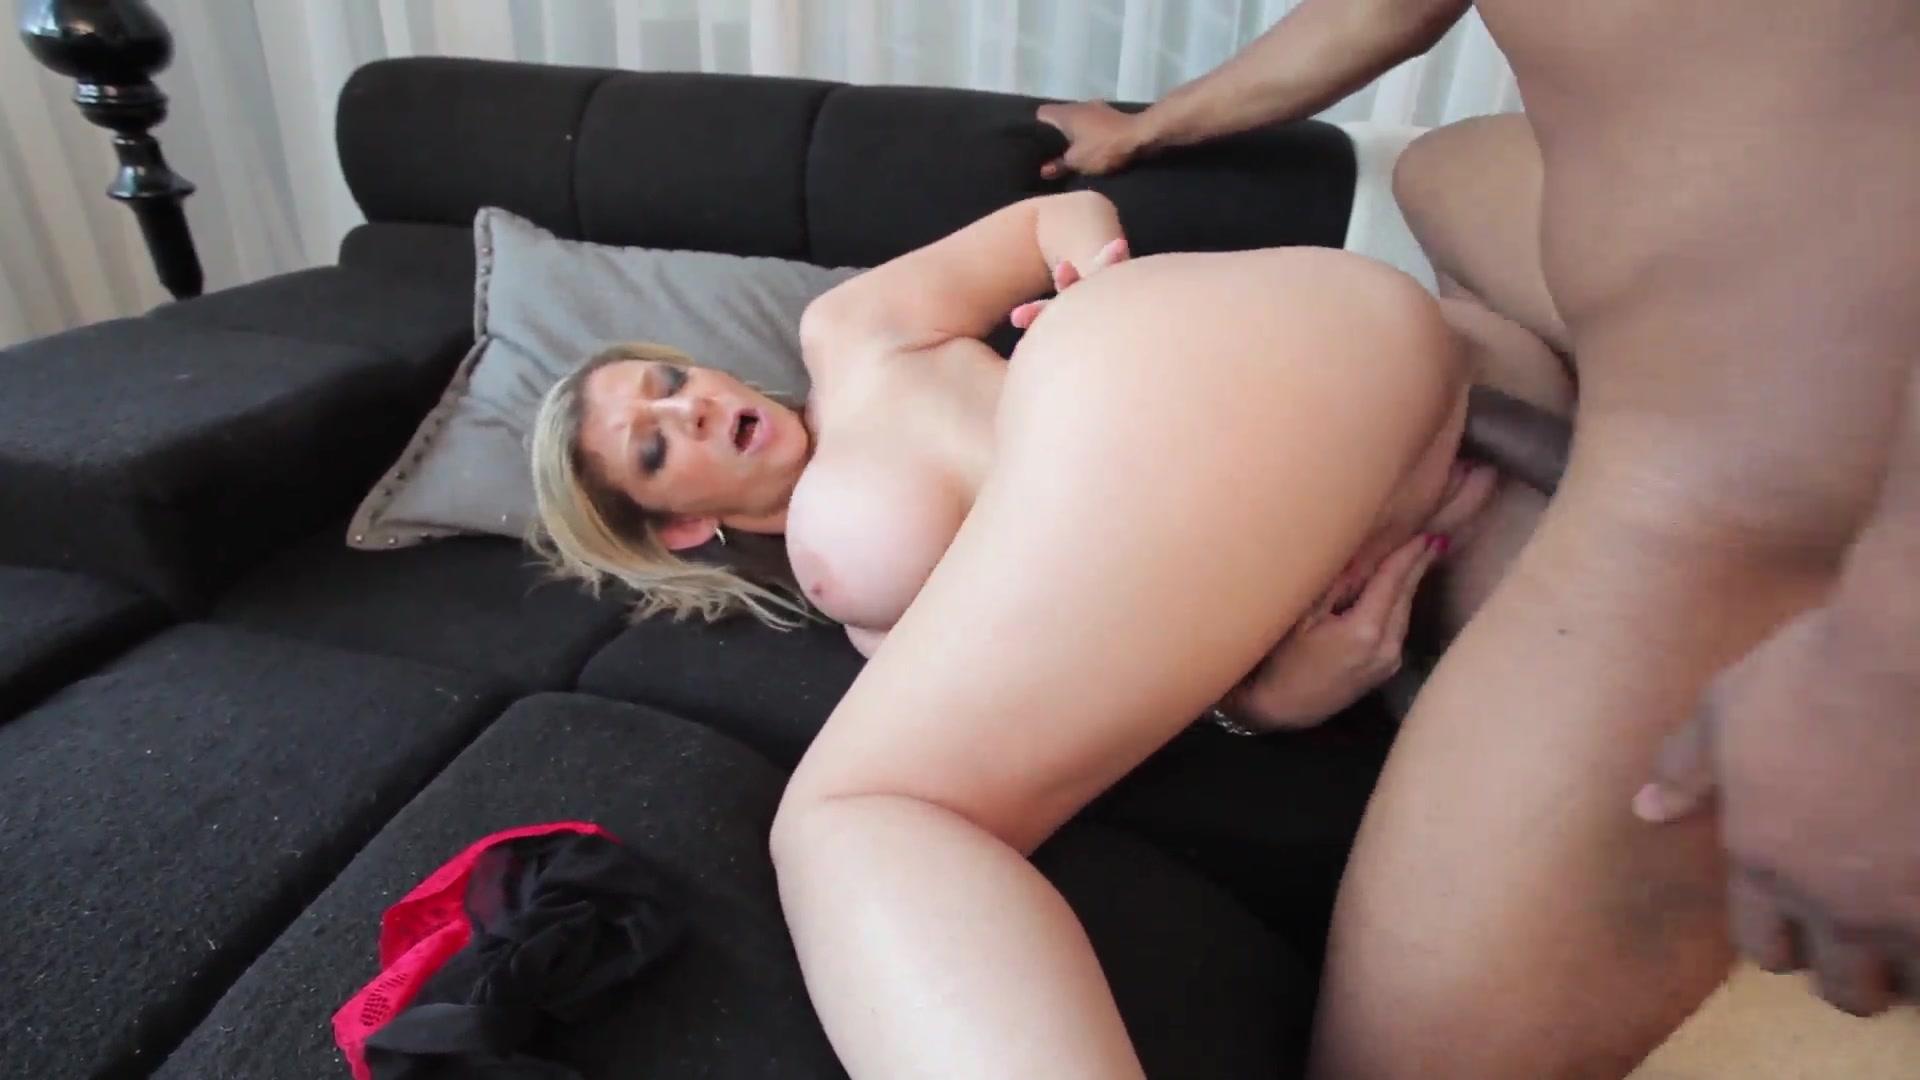 Сара джей трахается, Sara Jay Бесплатный секс смотреть онлайн 19 фотография